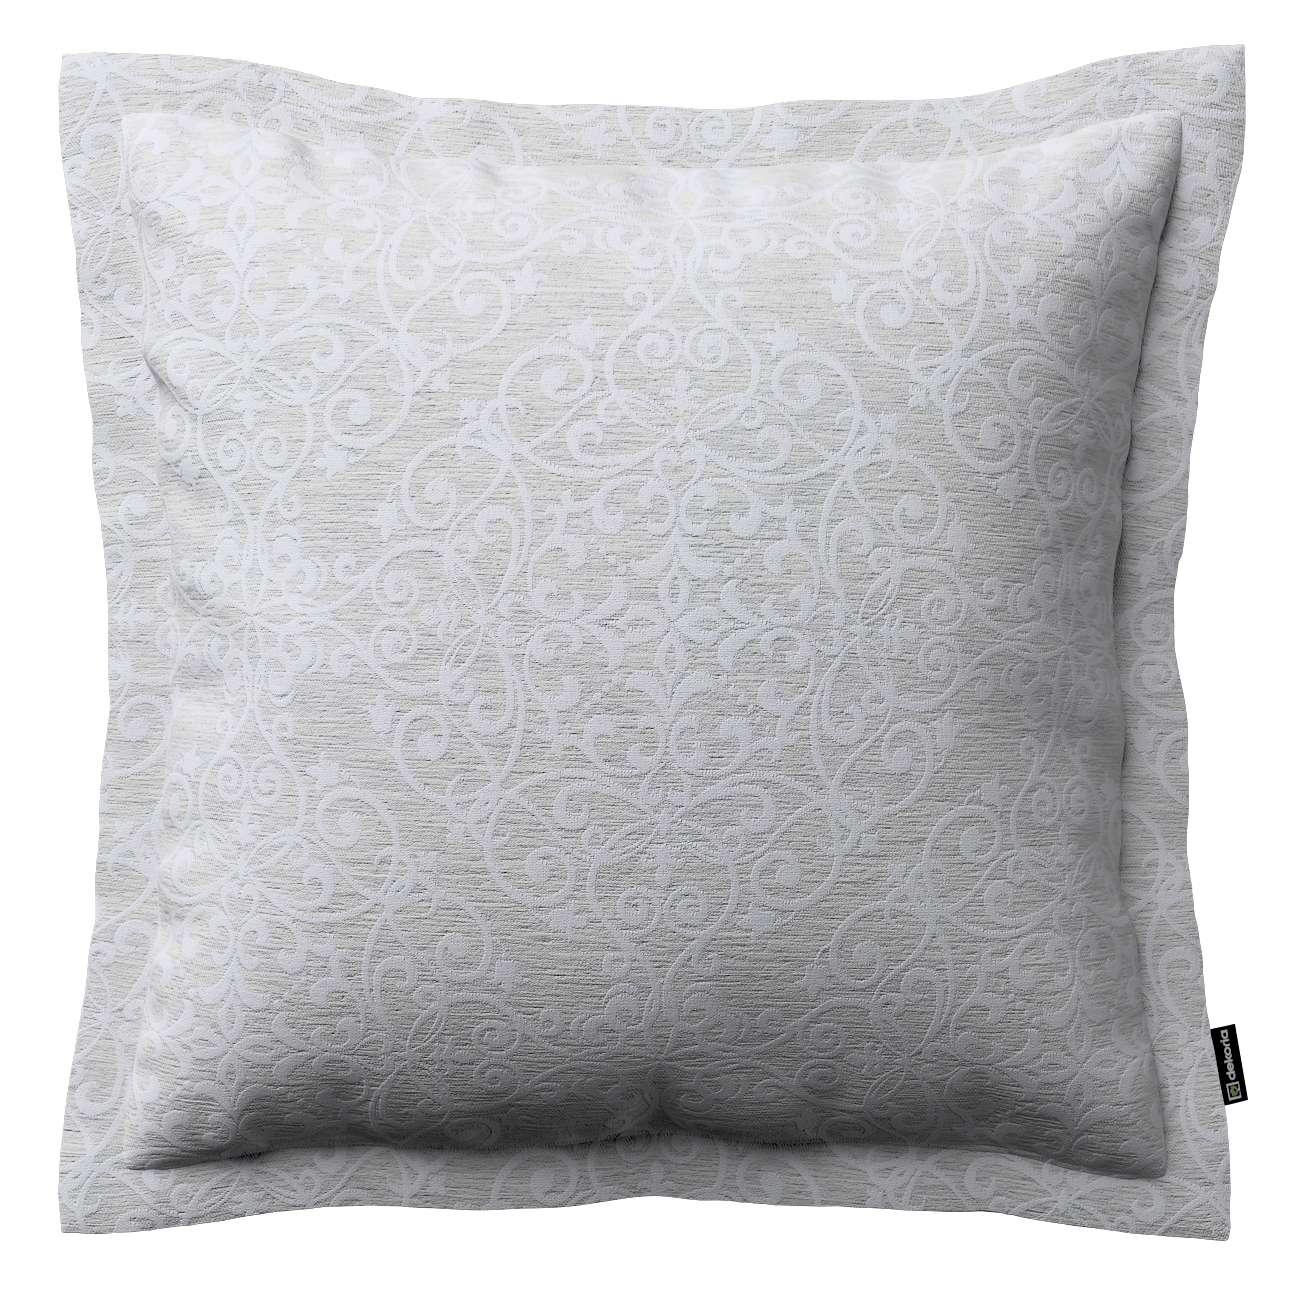 Poszewka Mona na poduszkę 45x45 cm w kolekcji Venice, tkanina: 140-49